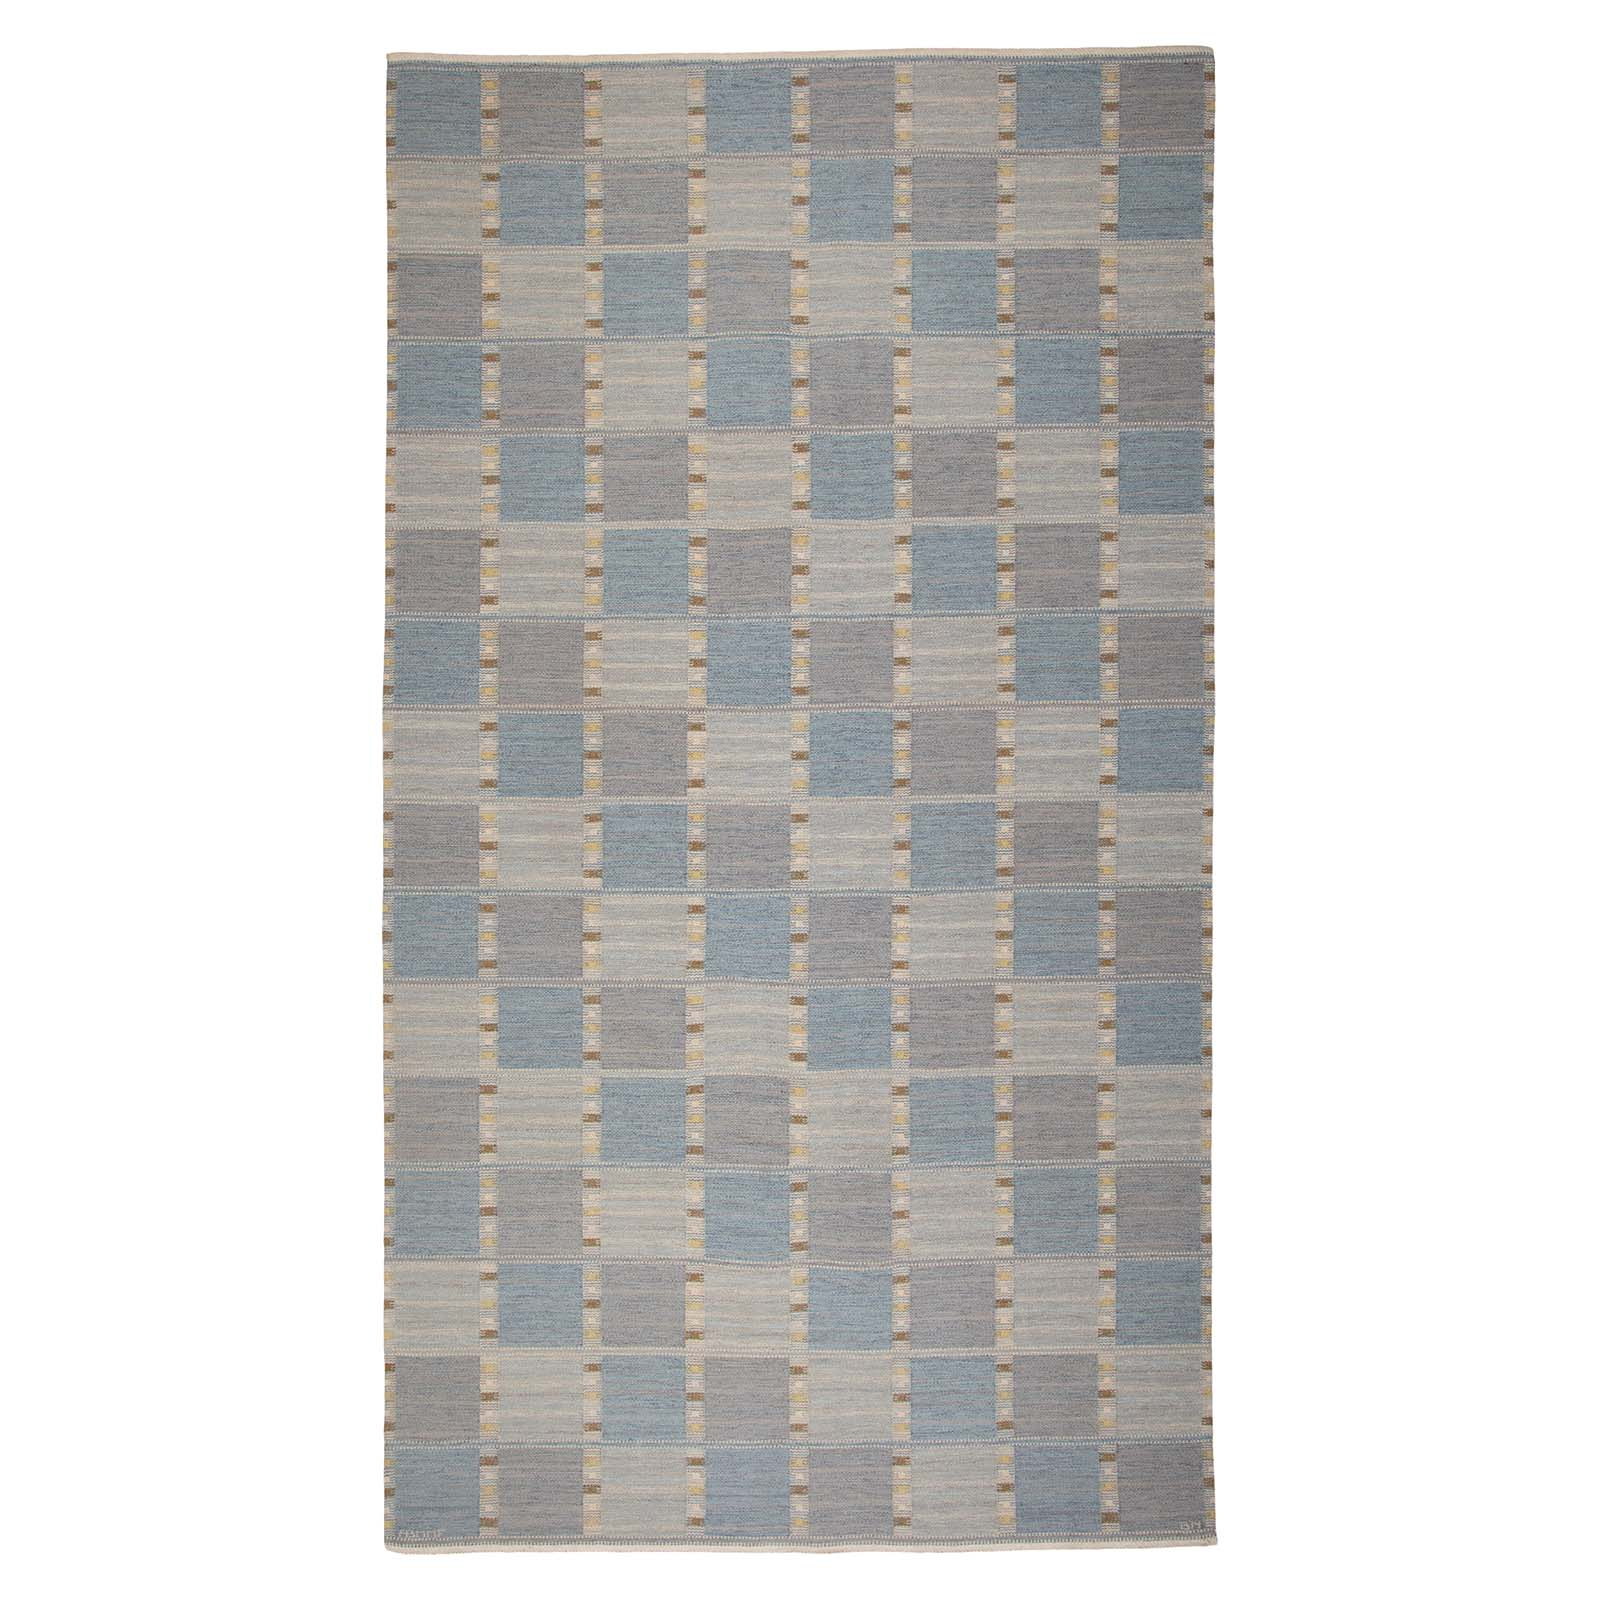 A large rug, 'Falurutan, Duhs'